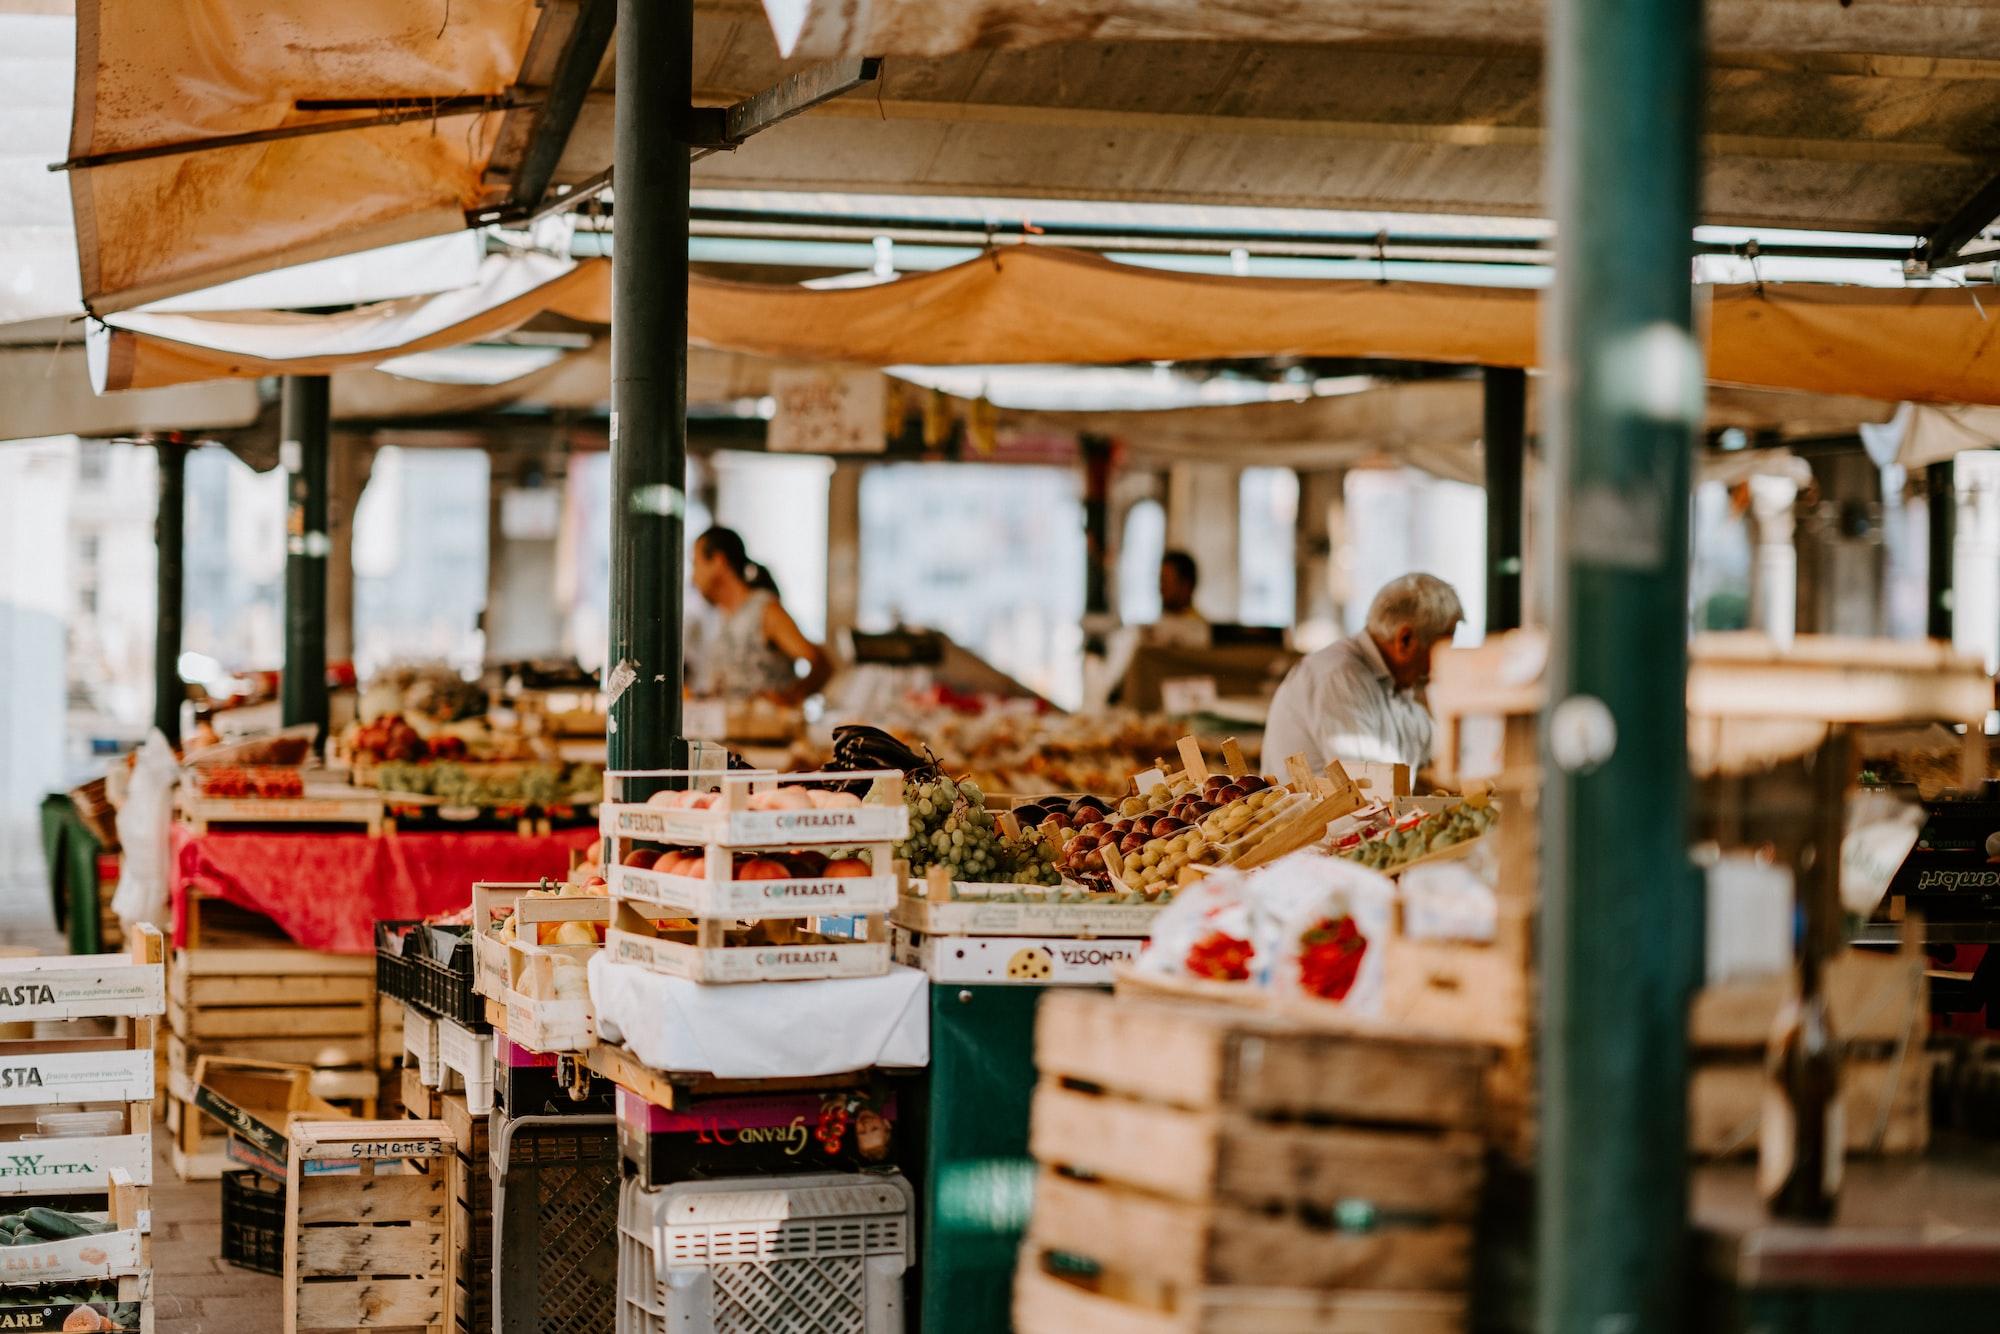 Fresh fruit and veg stall